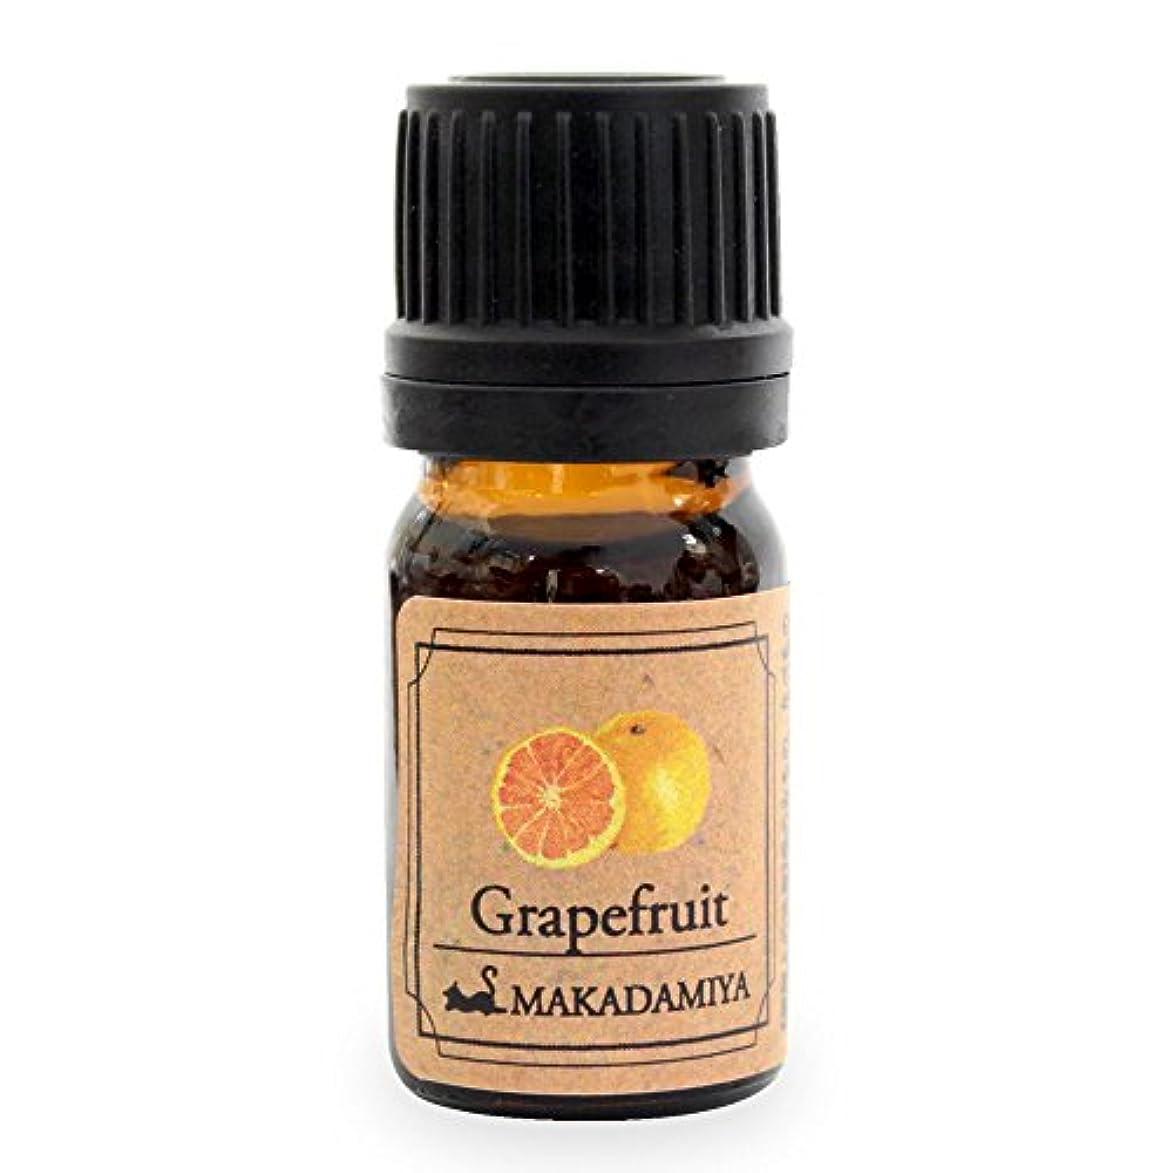 ブランド文芸サラミグレープフルーツ5ml 天然100%植物性 エッセンシャルオイル(精油) アロマオイル アロママッサージ aroma Grapefruit